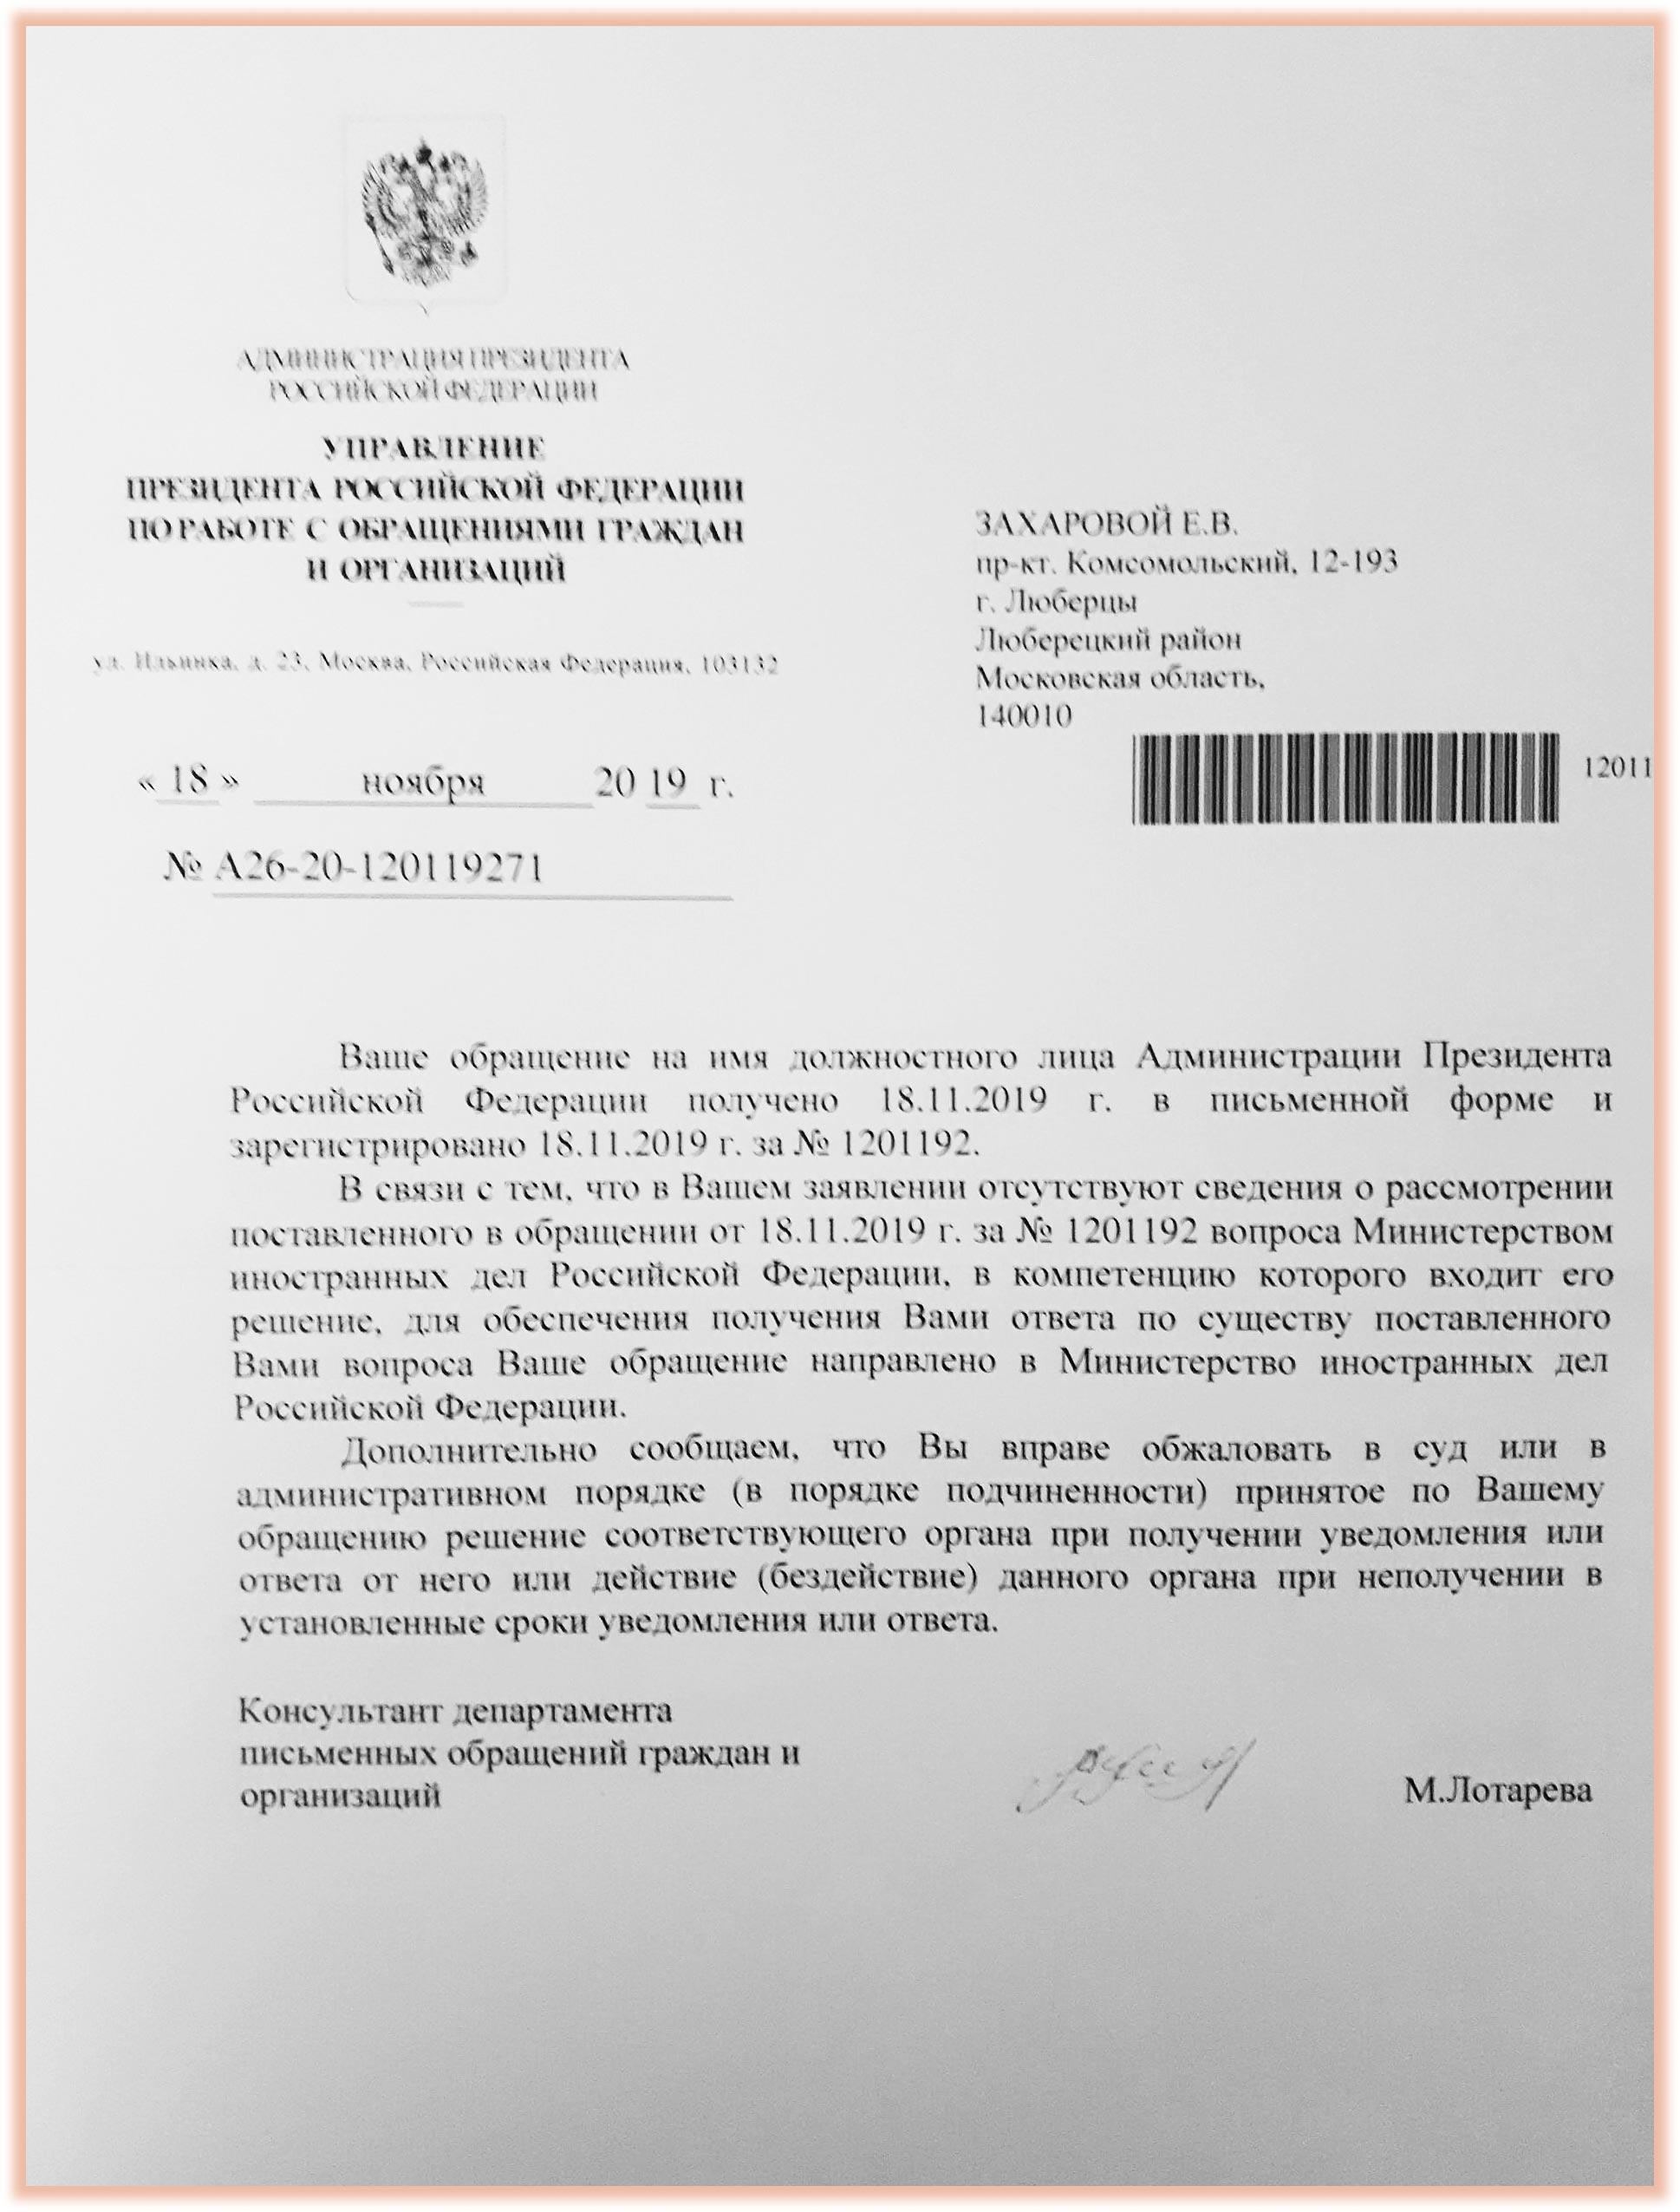 ruslan zacharov 02 - <b>«Я всех вас уничтожу за сына».</b> Как с помощью безрассудной ярости и тысяч долларов мать вытащила сына из концлагеря «Изоляция» - Заборона